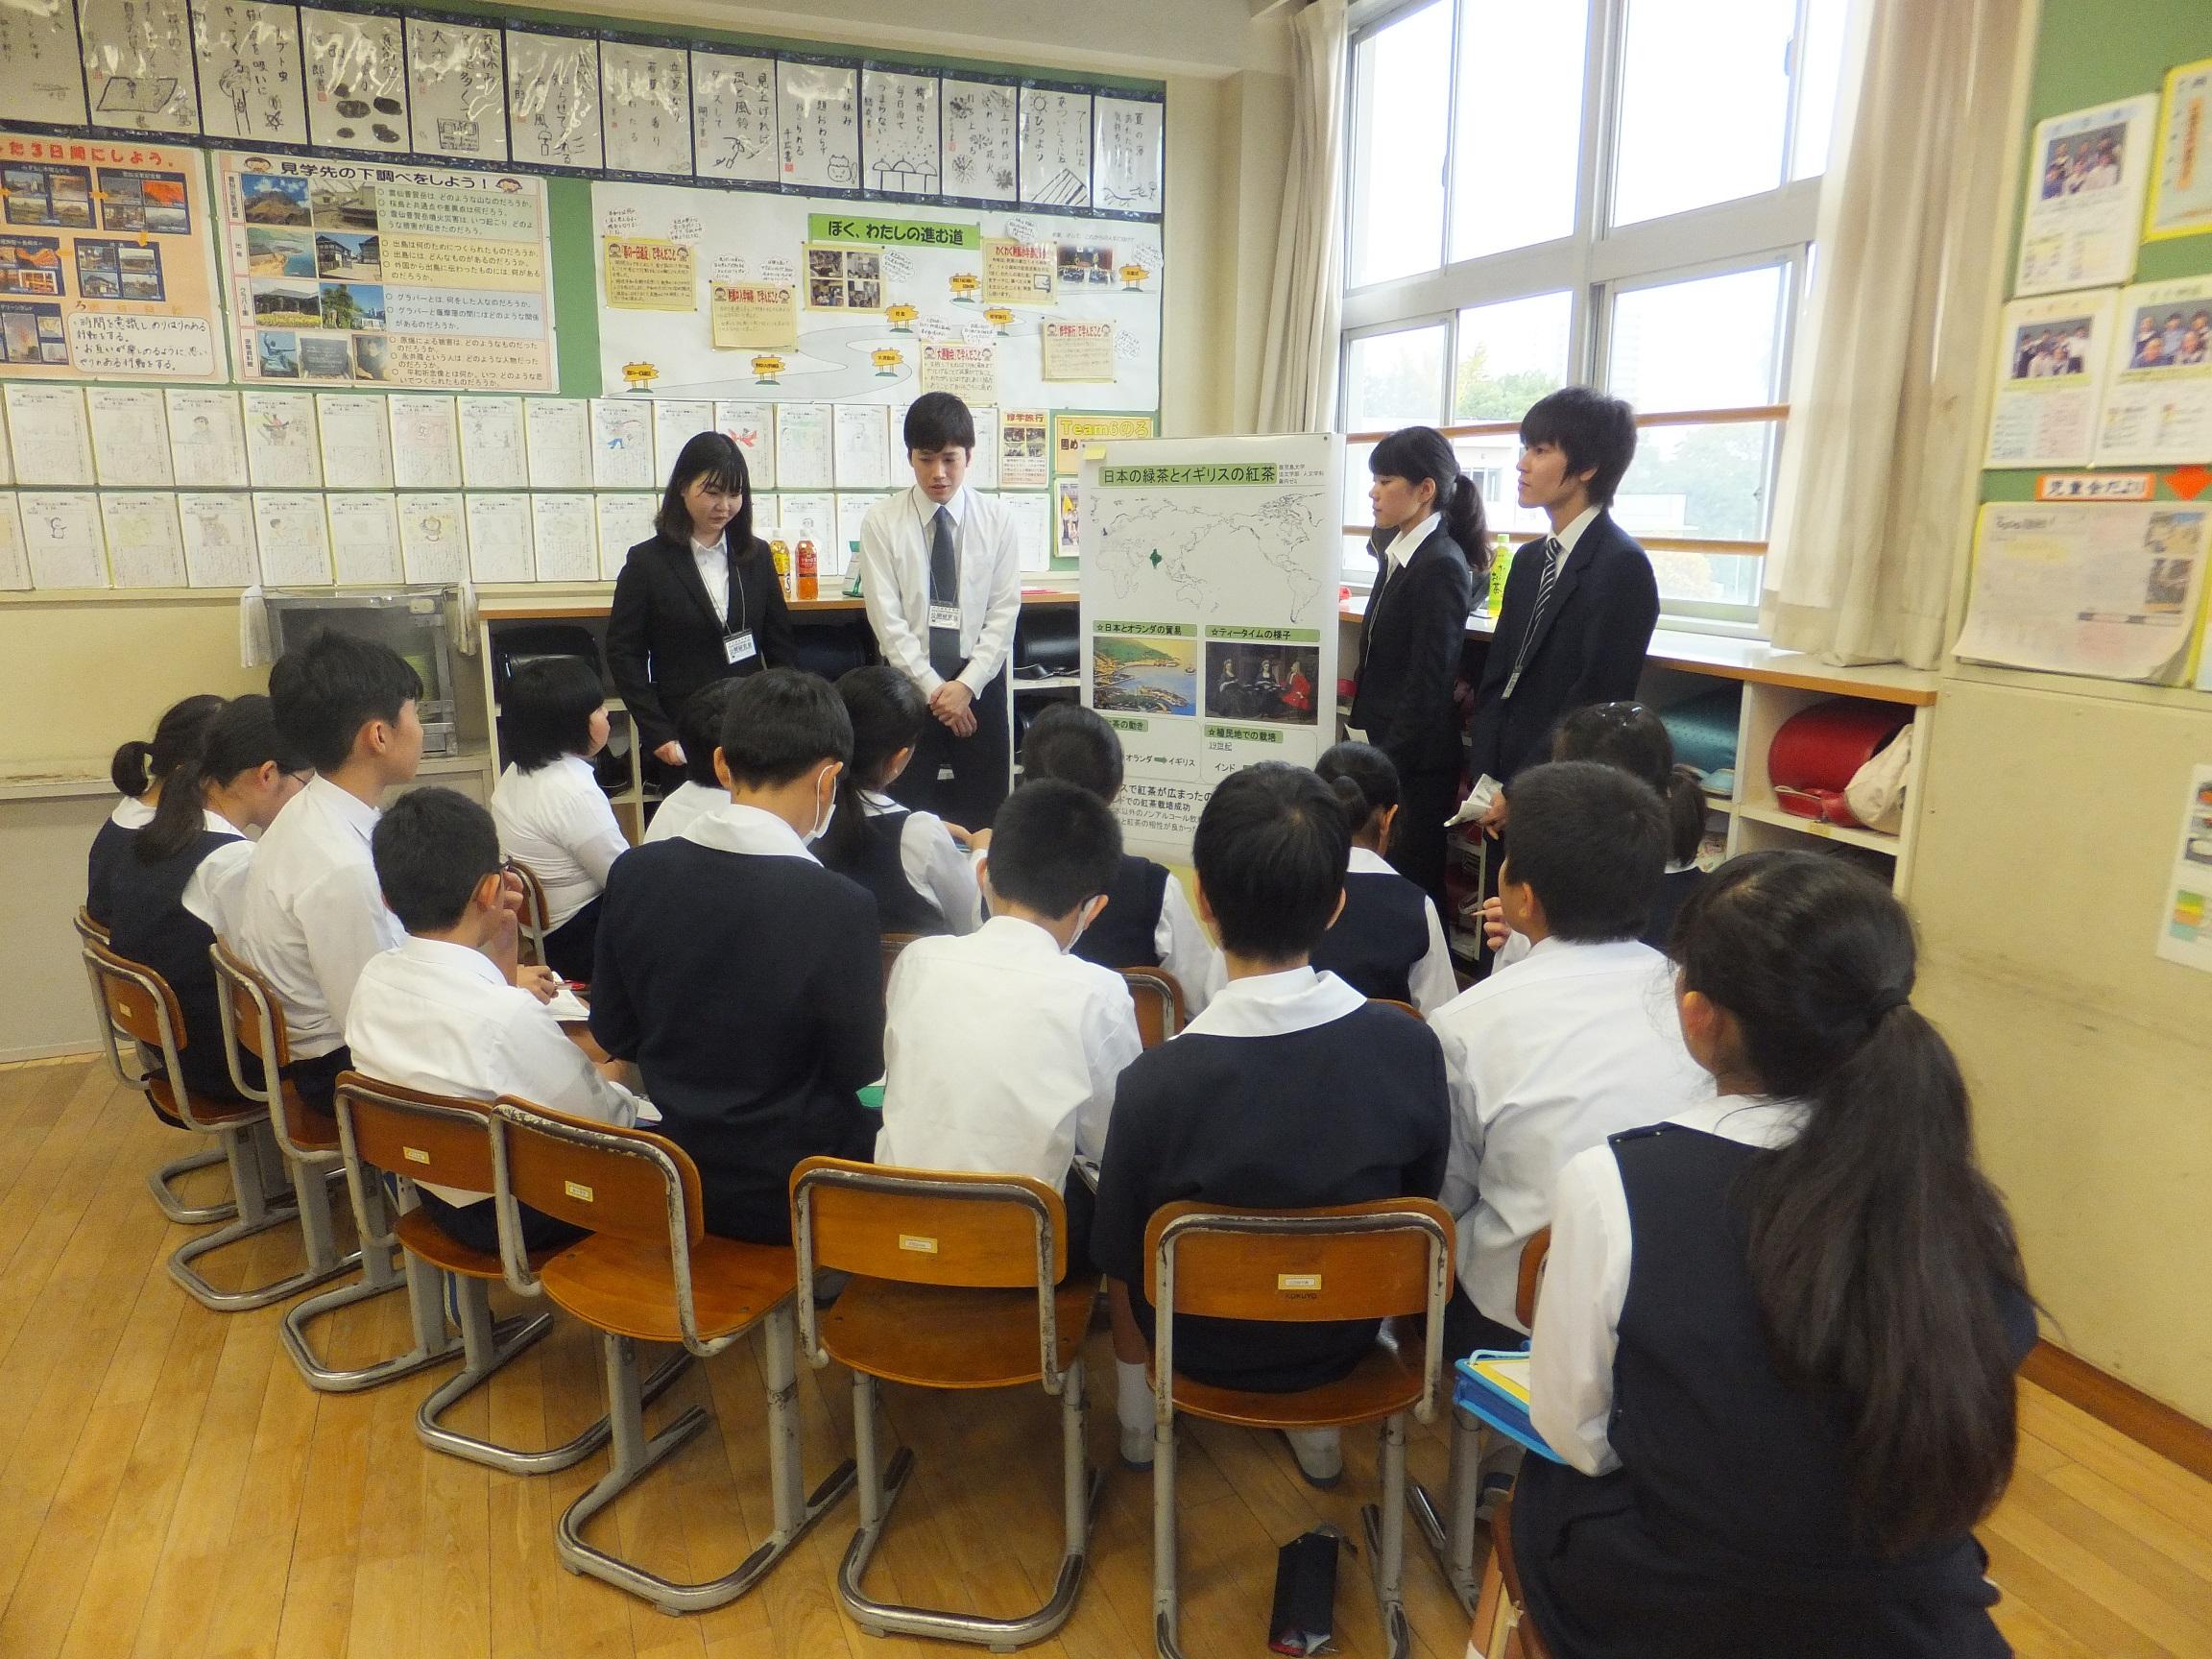 法文学部のゼミ学生が教育学部附属小学校でパネル授業を実施しました ...